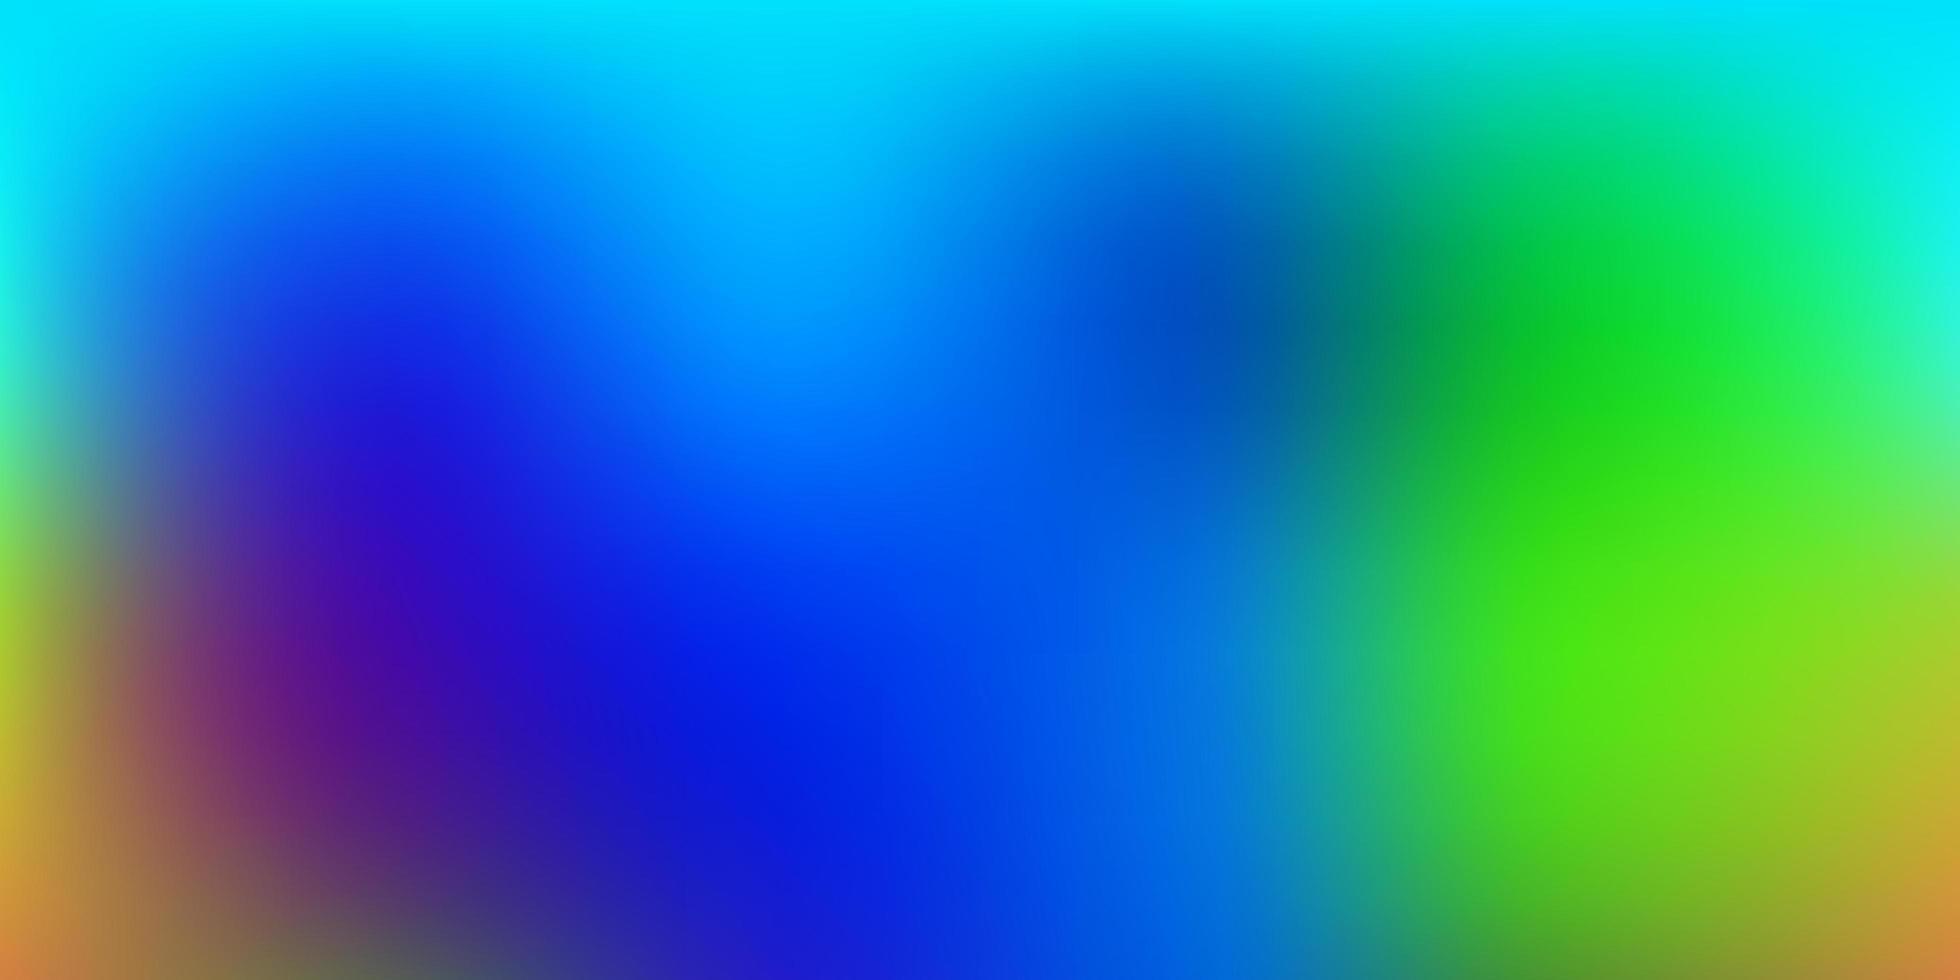 ljus flerfärgad suddig bakgrund. vektor